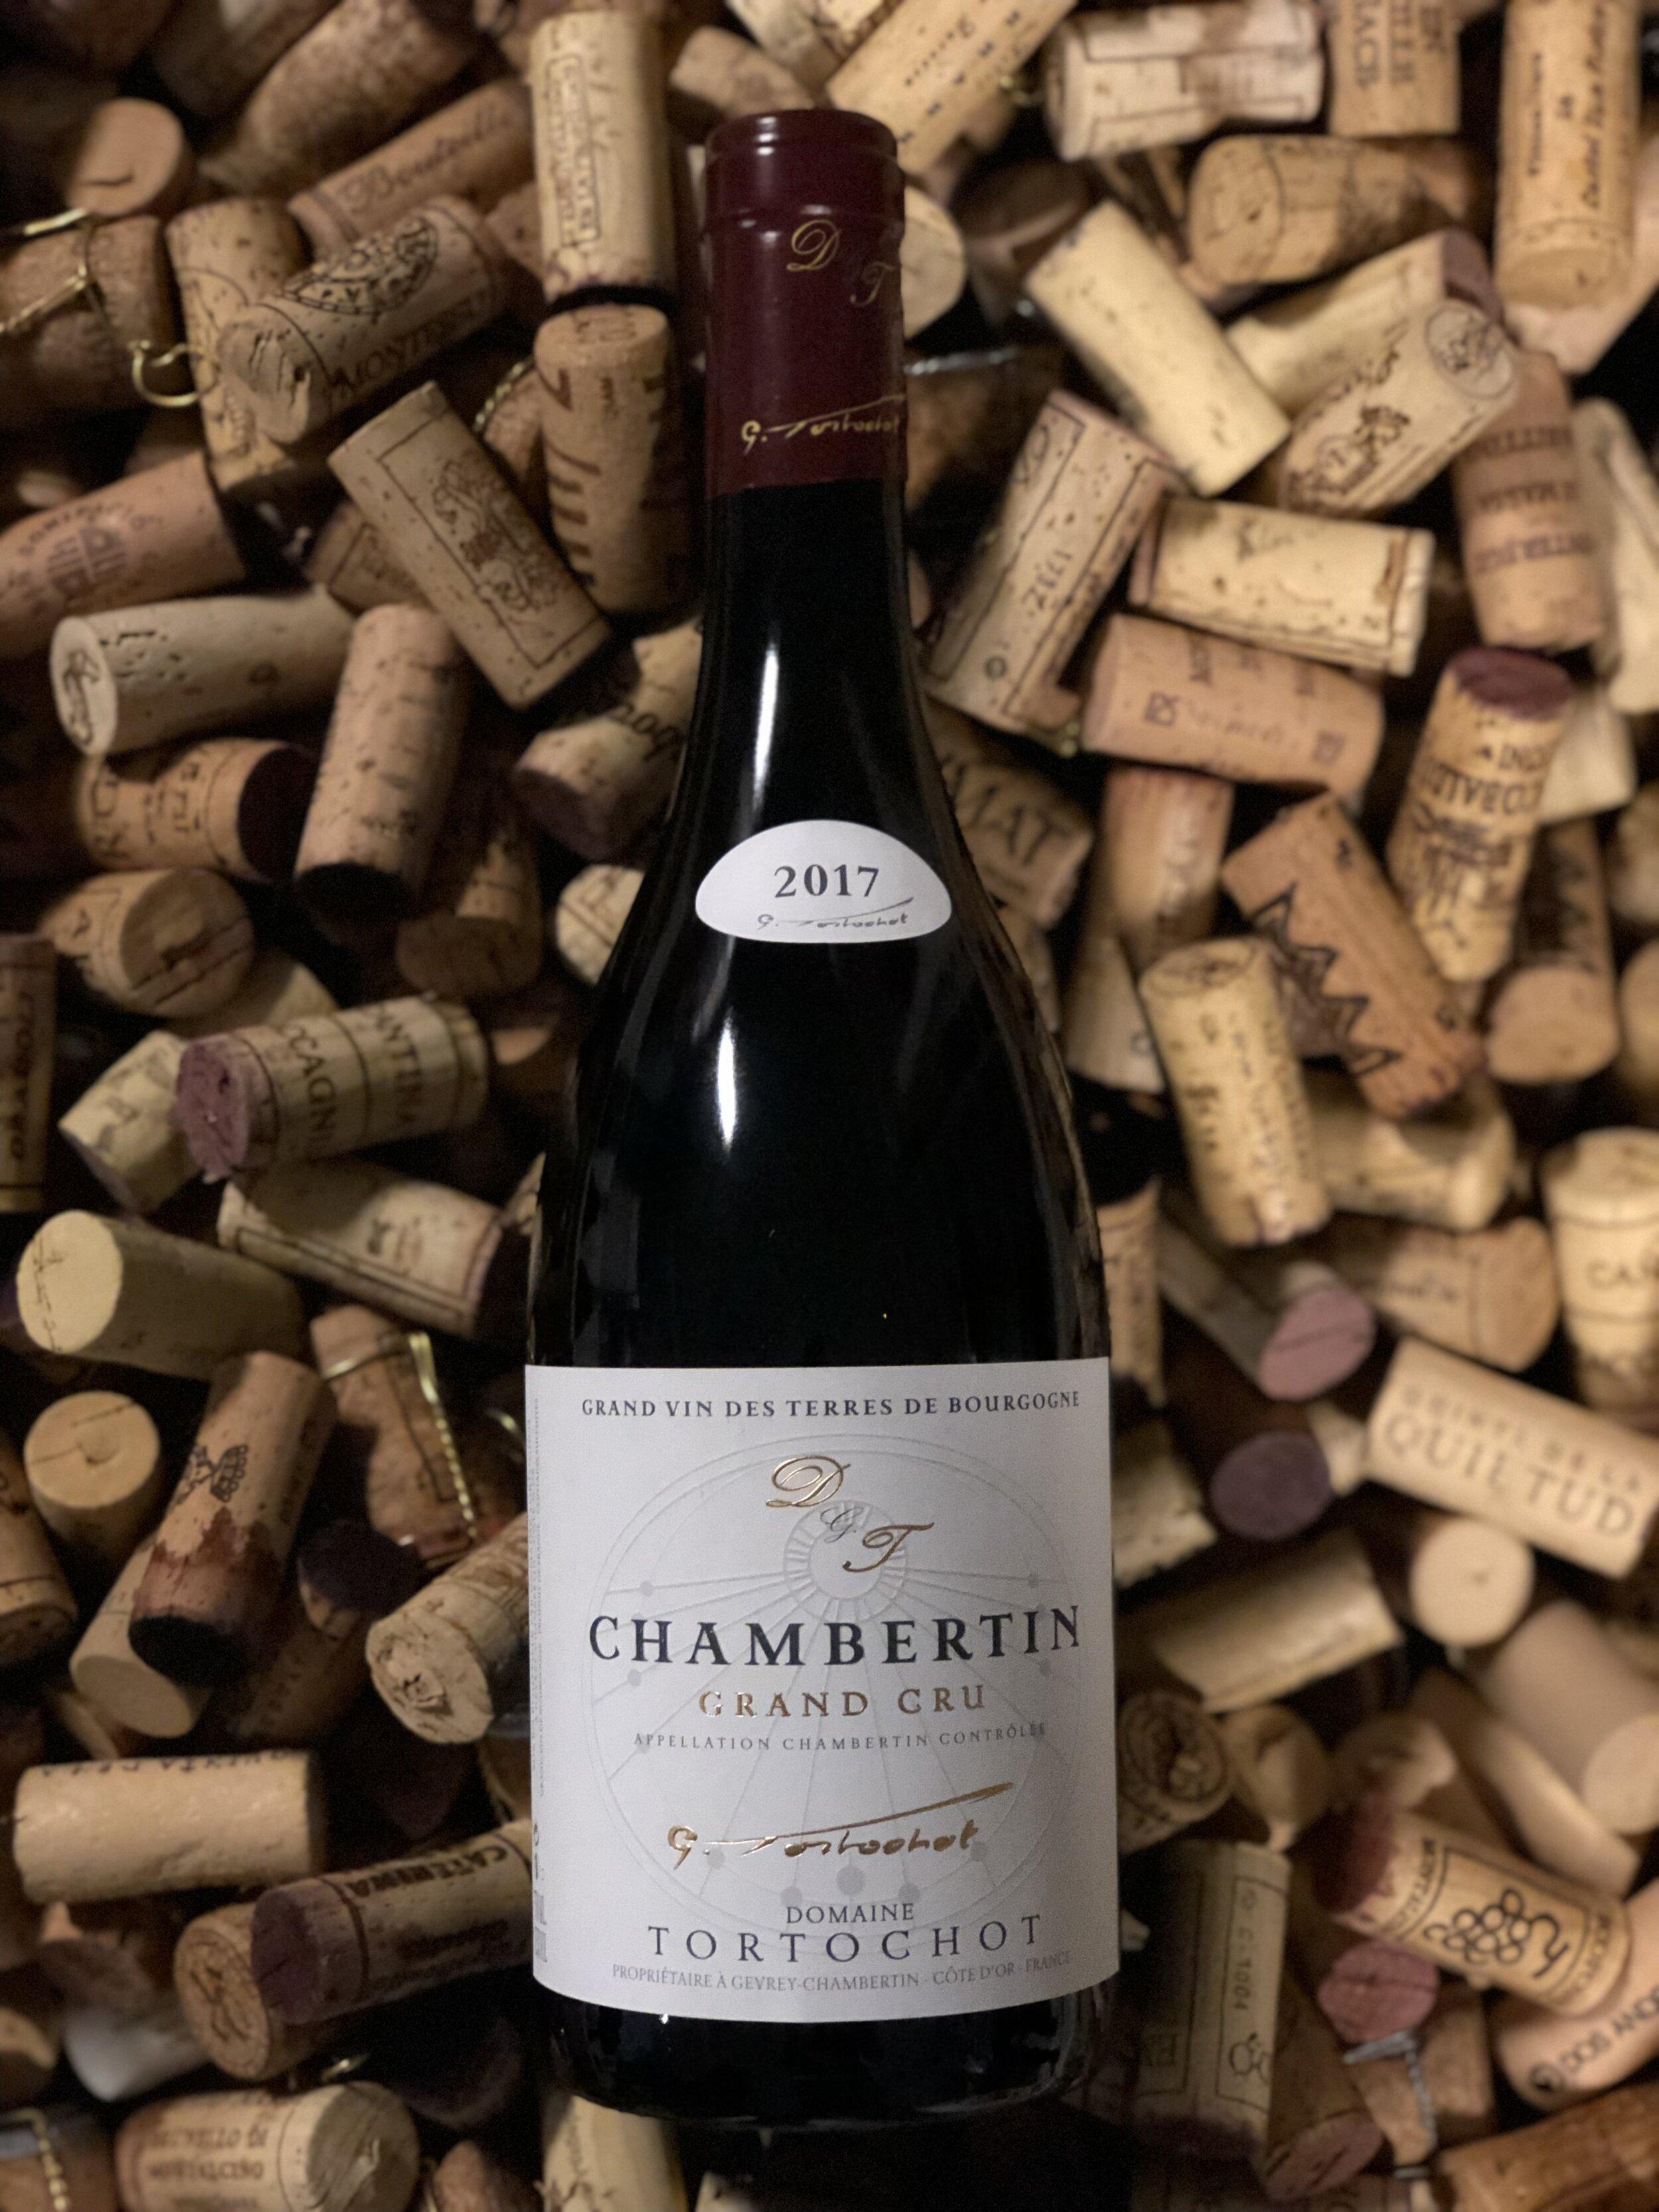 Chambertin Grand cru 2017 - Drue: Pinot NoirKlassifikation: Apppellation Grand crusTerroir: Gevrey-Chambertin (enkelmark) ler og kalkstenVinstokke 45-55 år gamle stokkeLagring: min. 15 mån. lagring på egetræsfade (80-100% nye)Flaske: leveres i 0,75L